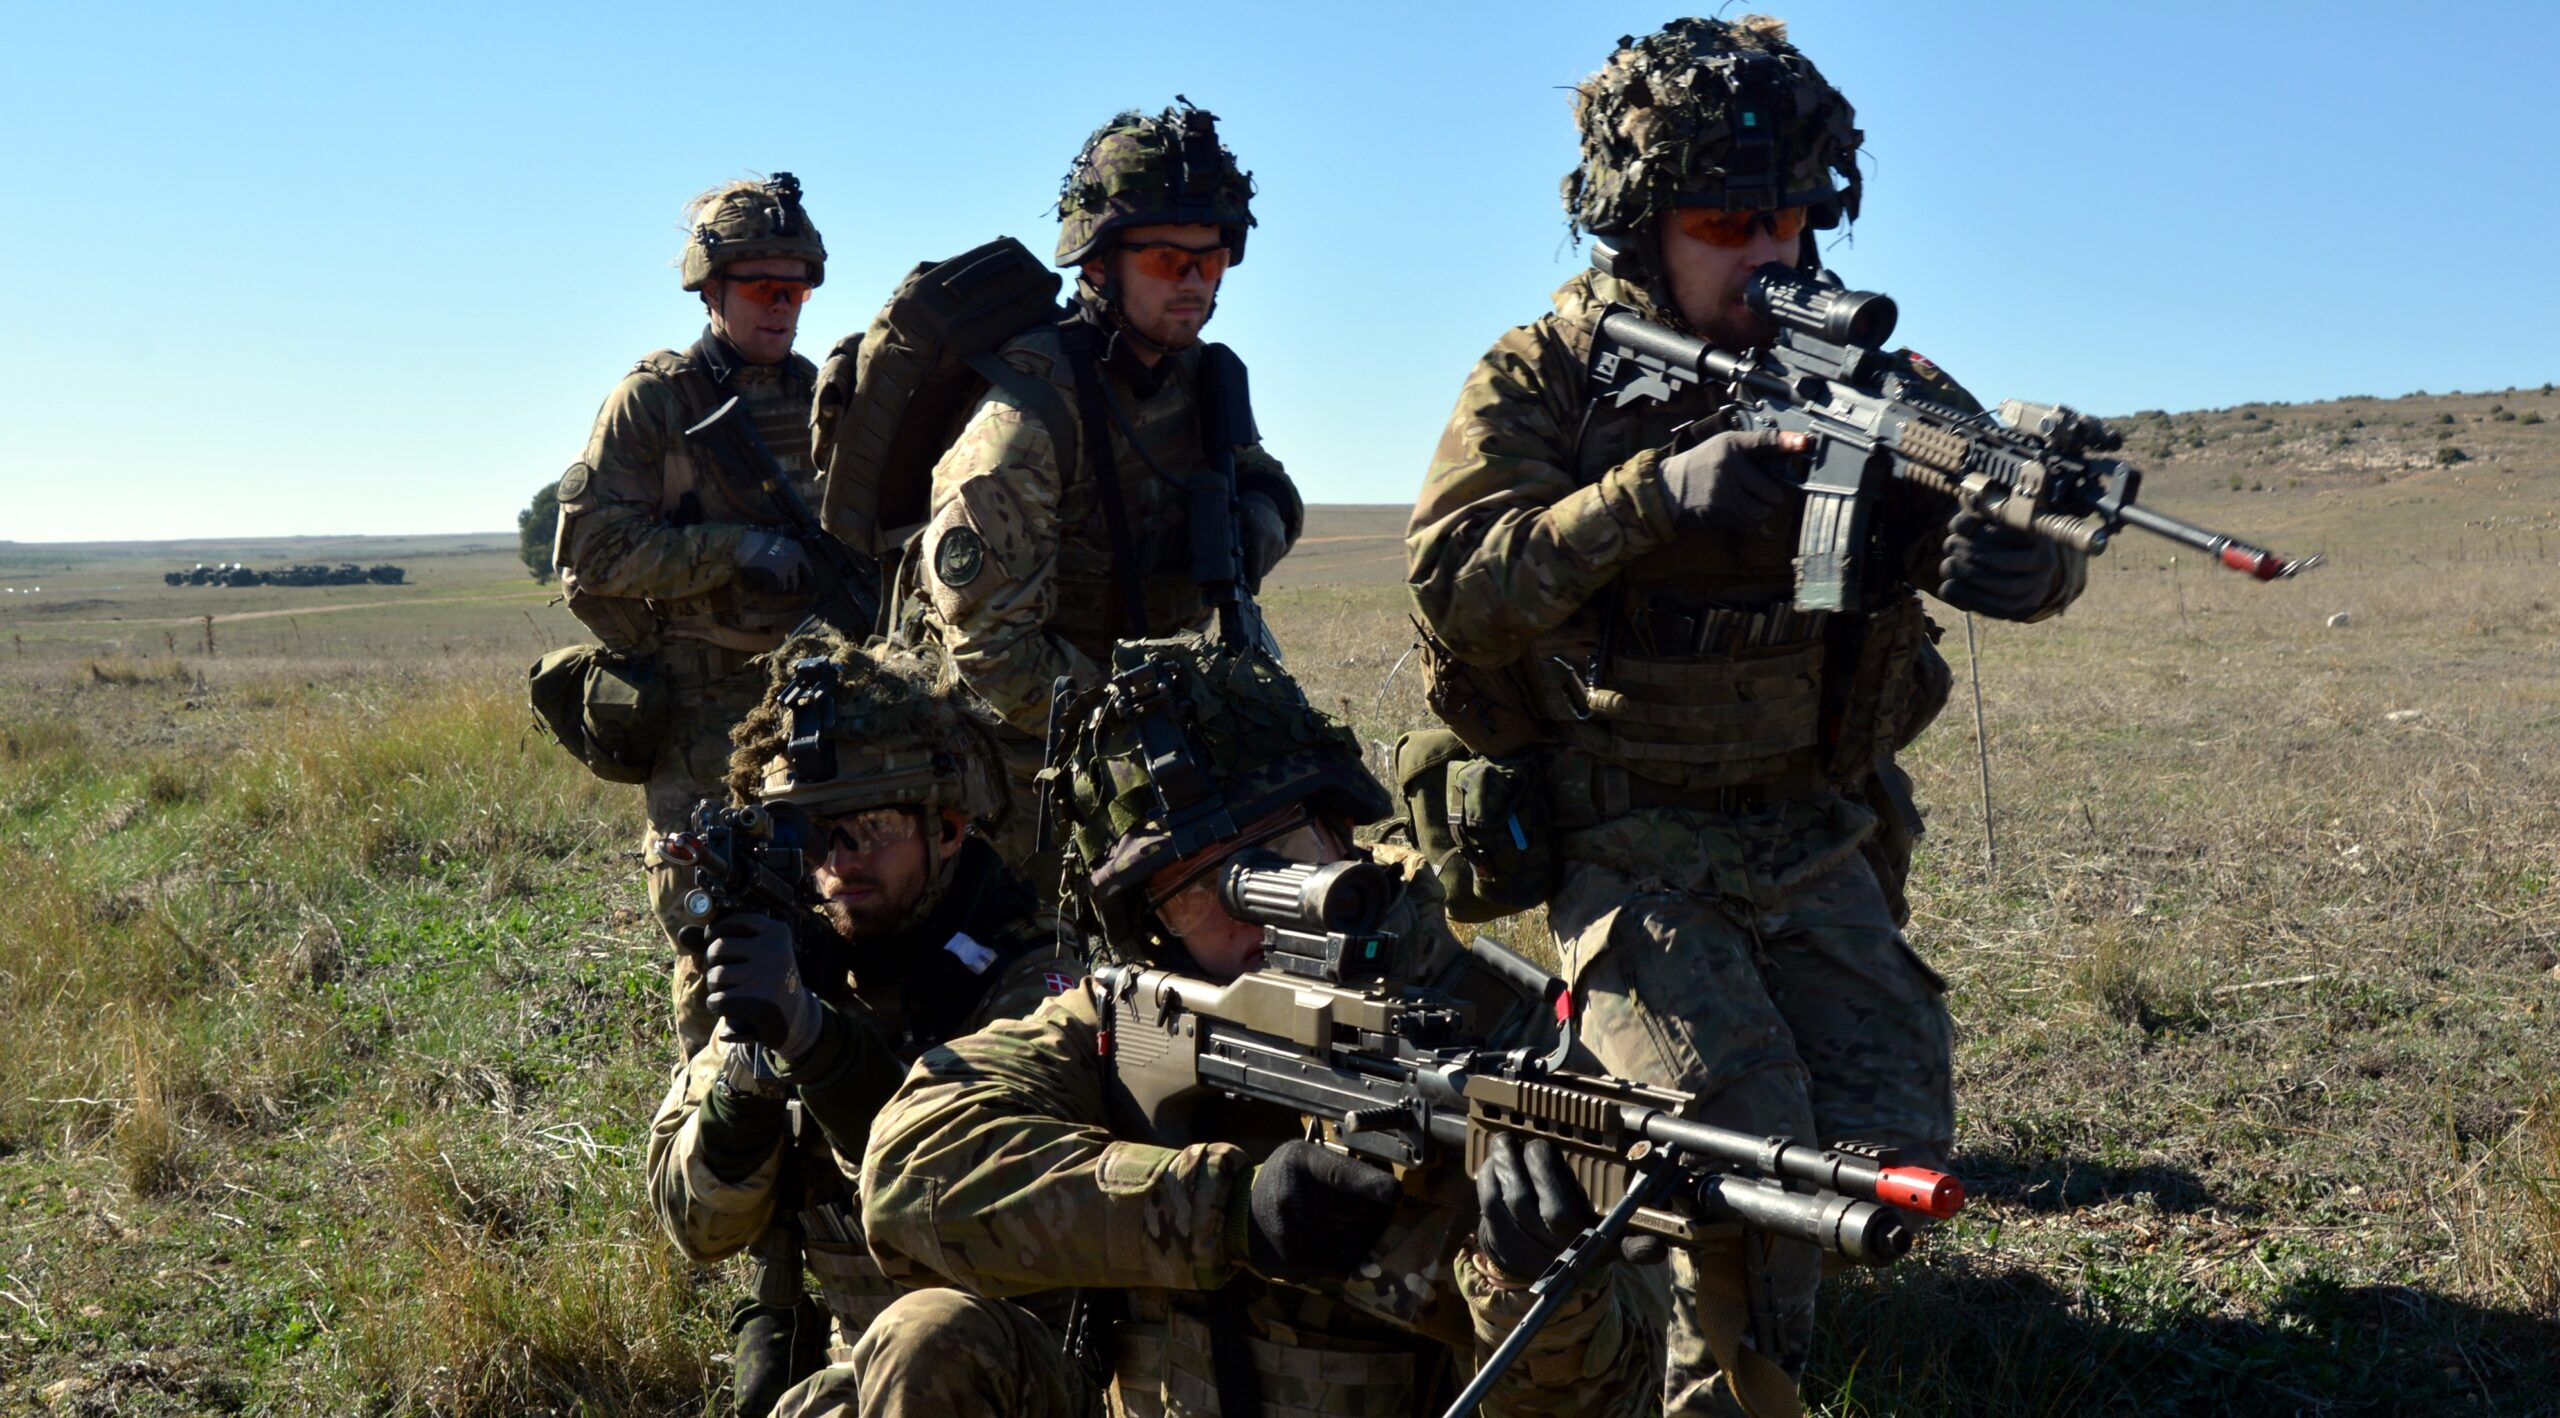 Białoruś skraca ćwiczenia i wycofuje część wojsk znad zachodniej granicy